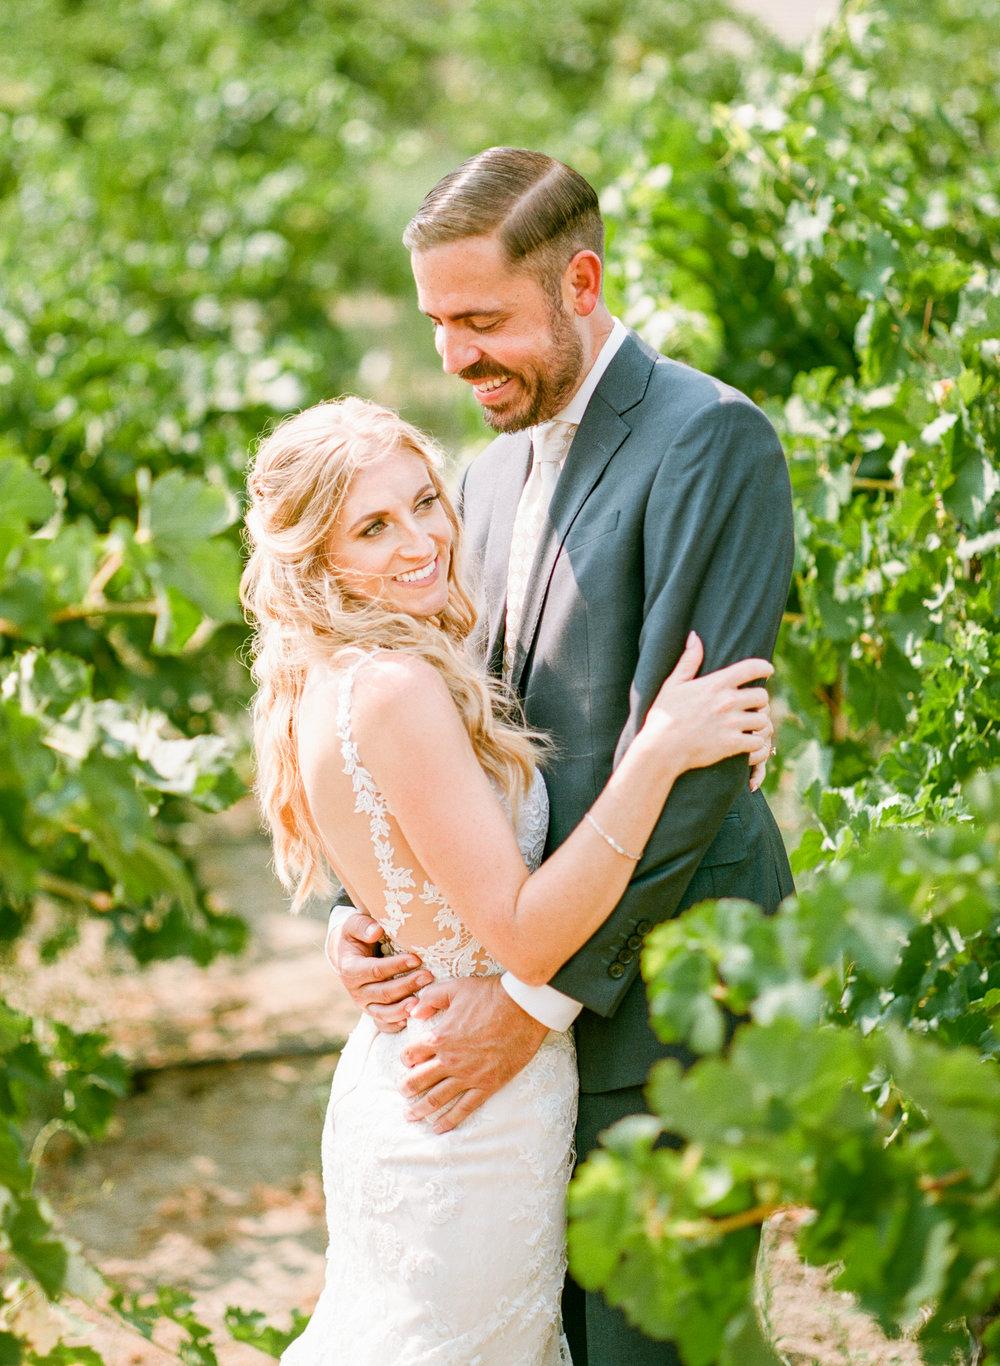 dennisroycoronel_ashleyanthony_vanessahudgens_austinbutler_wedding_losangeles_photographer-101.jpg